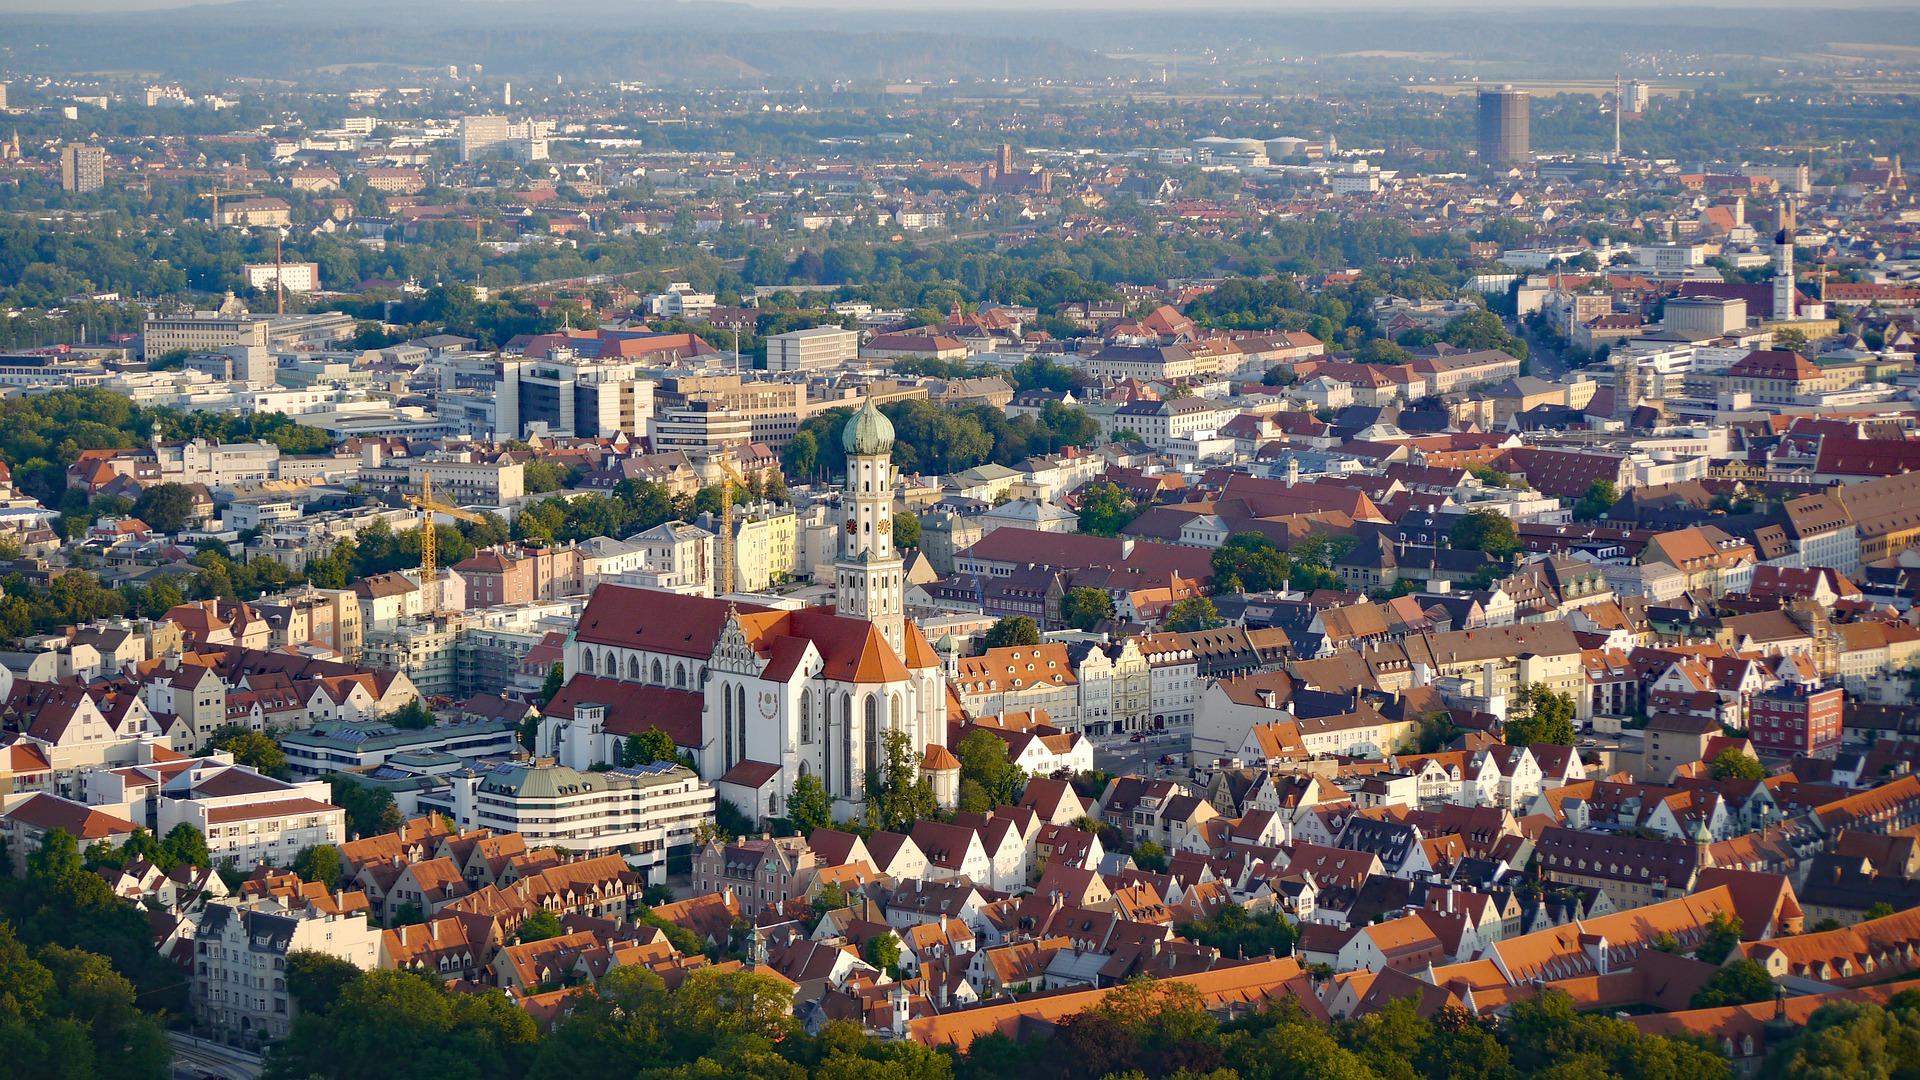 Alles über Sprinter mieten Augsburg [Guide]